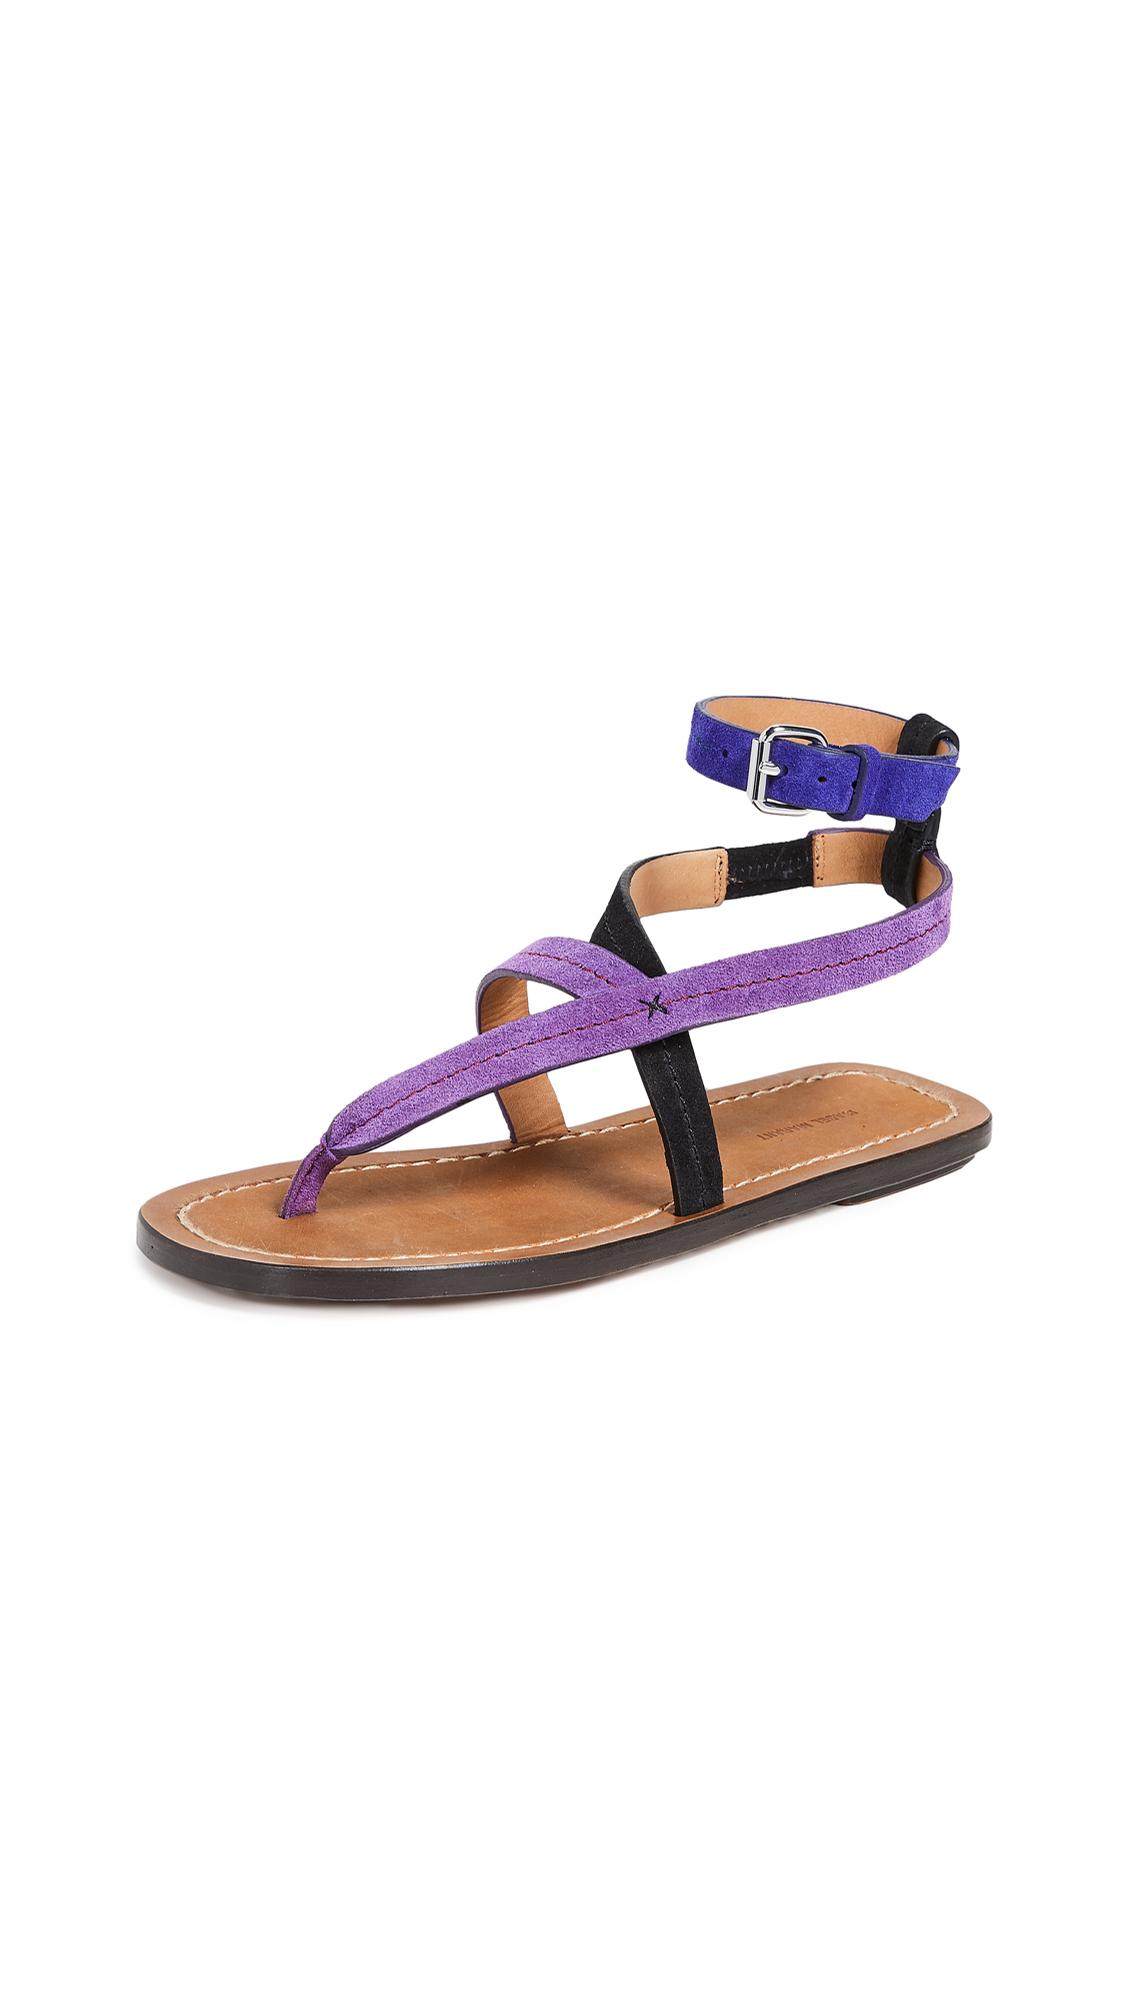 Isabel Marant Jookee Sandals - Purple